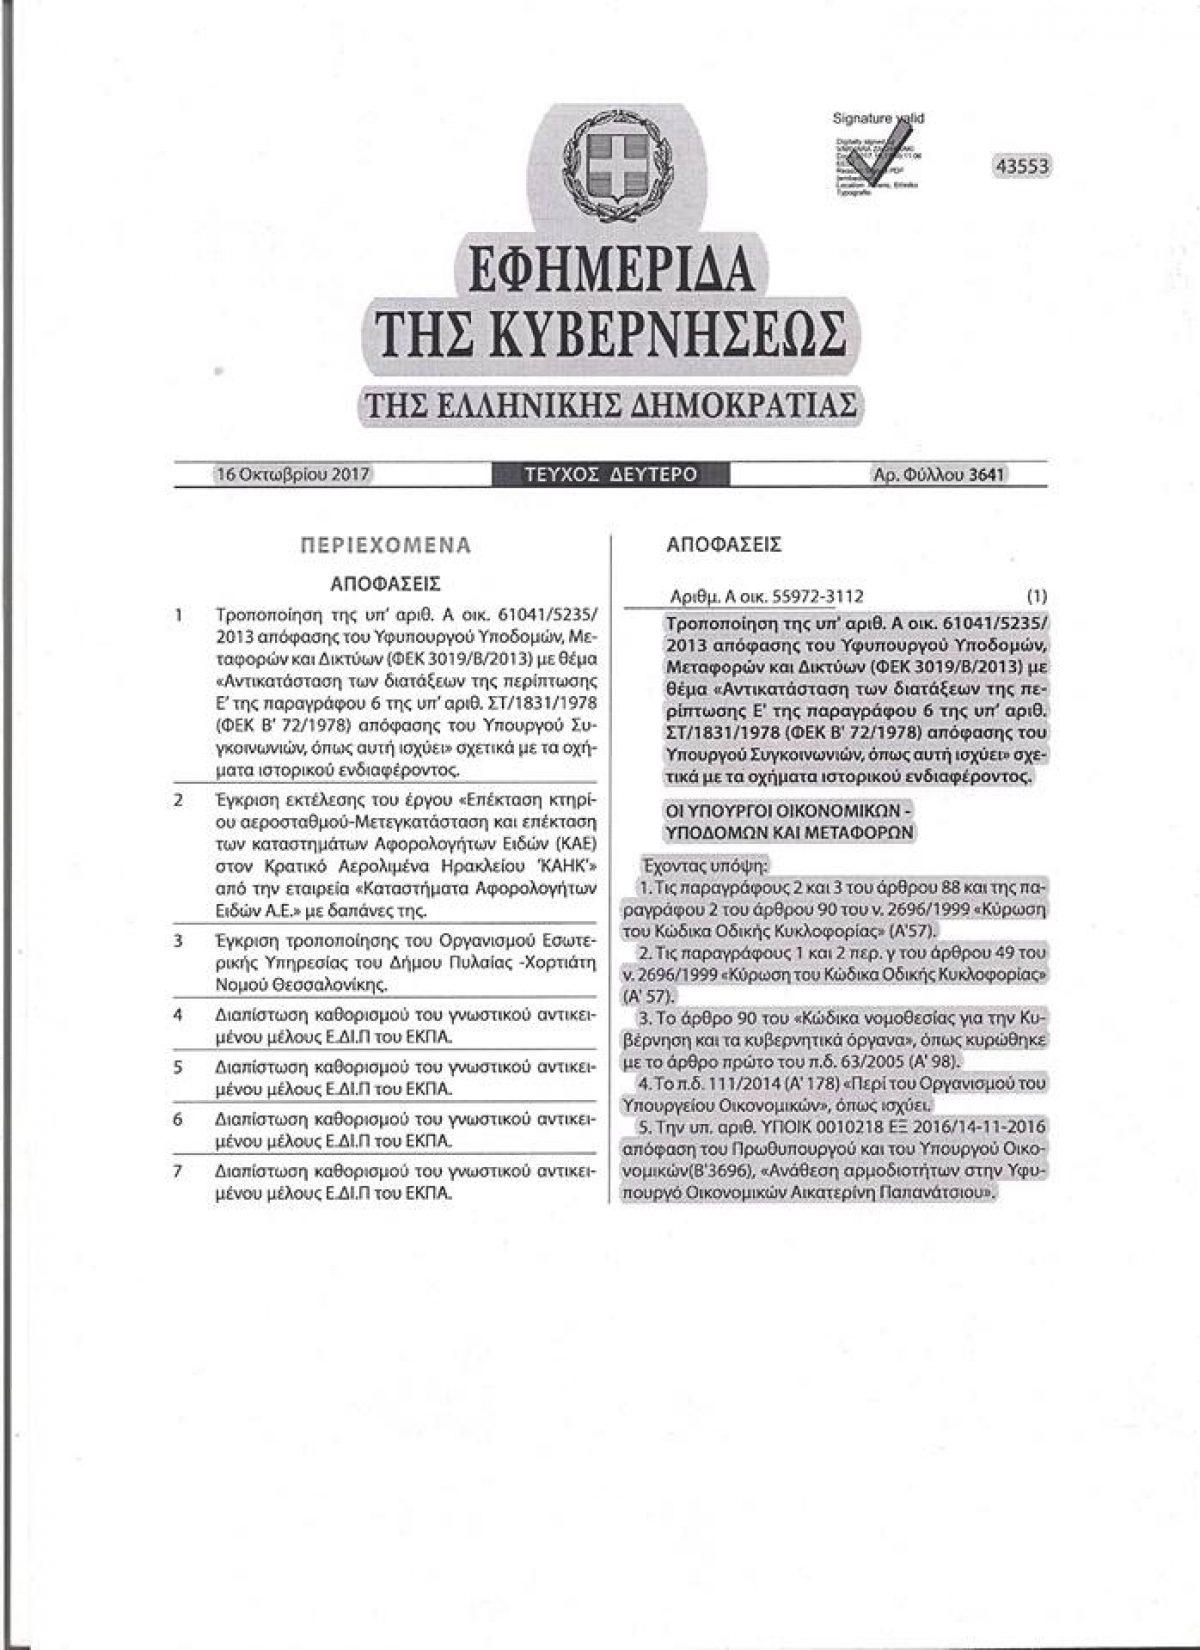 Ανοικτή επιστολή της Φ.Ι.Λ.Π.Α. προς τους αρμόδιους υπουργούς